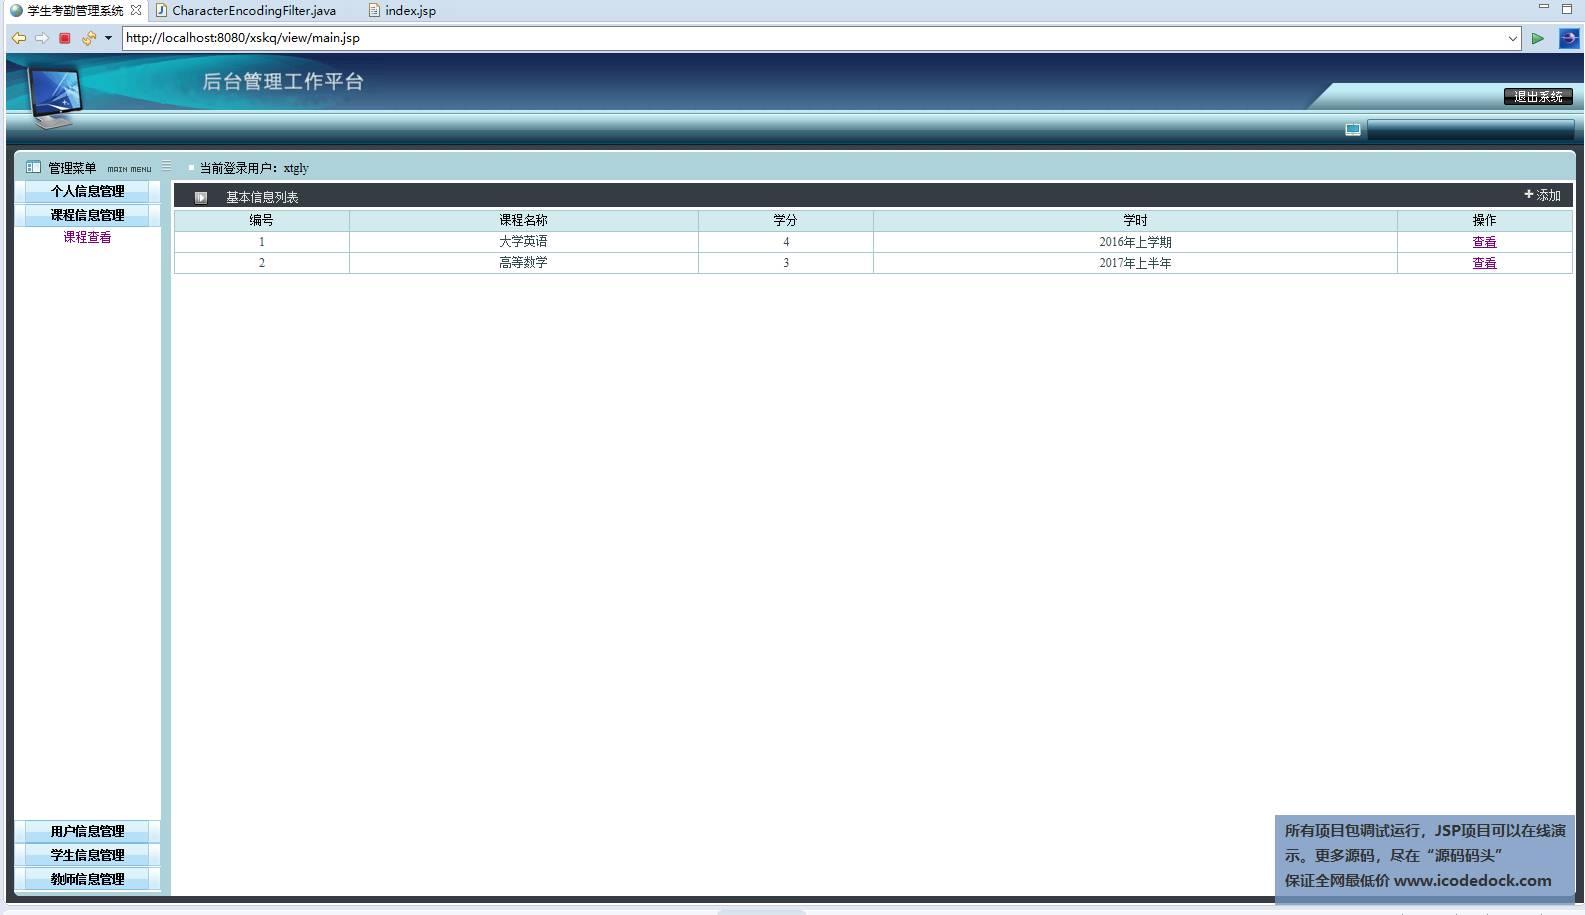 源码码头-JSP学生考勤管理系统-系统管理员角色-课程增删改查